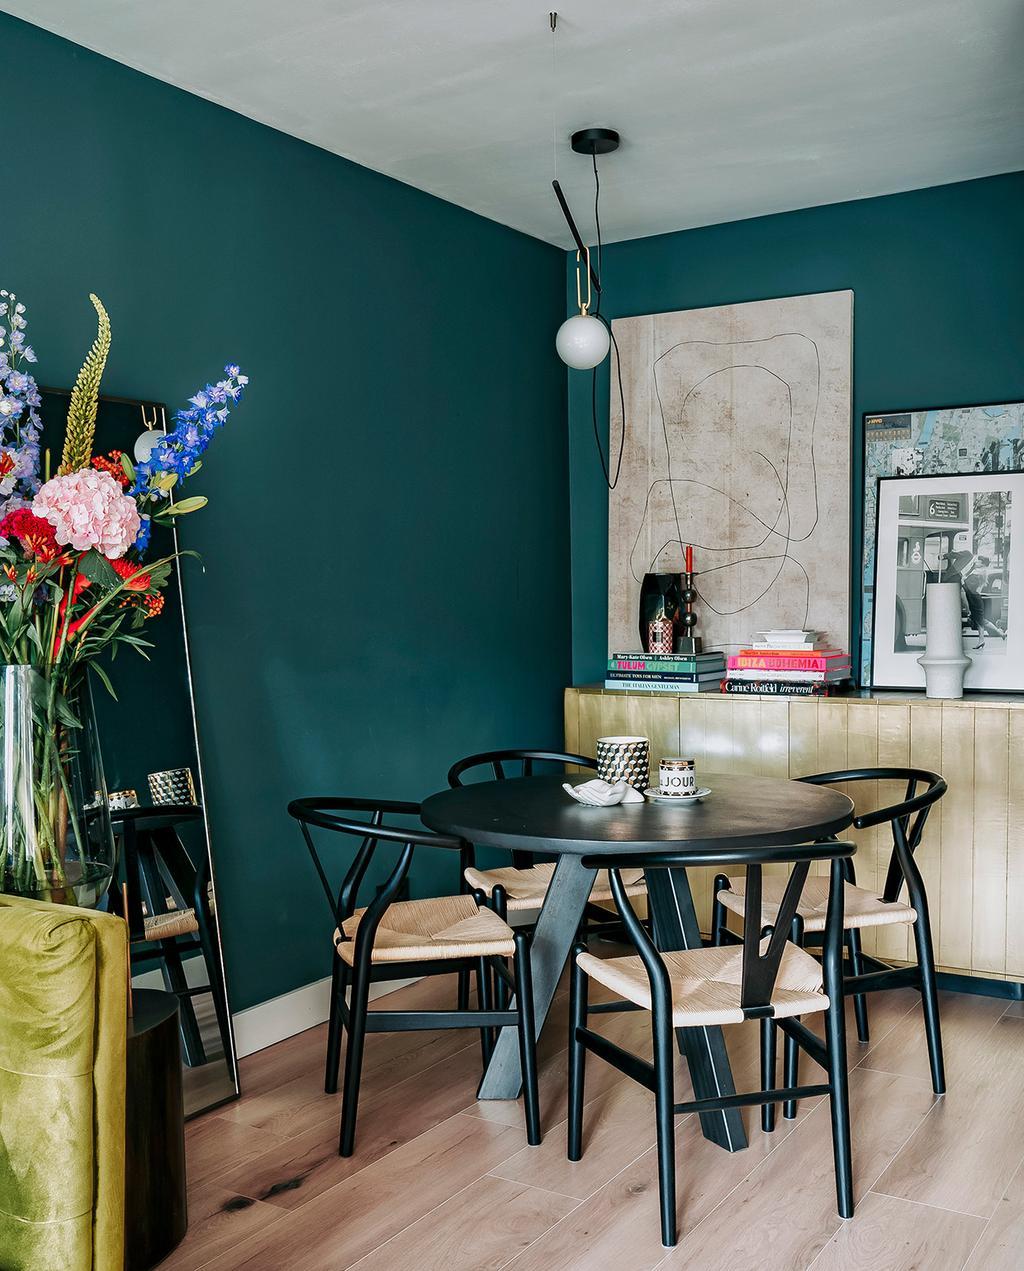 vtwonen 06-2021 | groene muur met zwarte ronde tafel en eetkamerstoelen